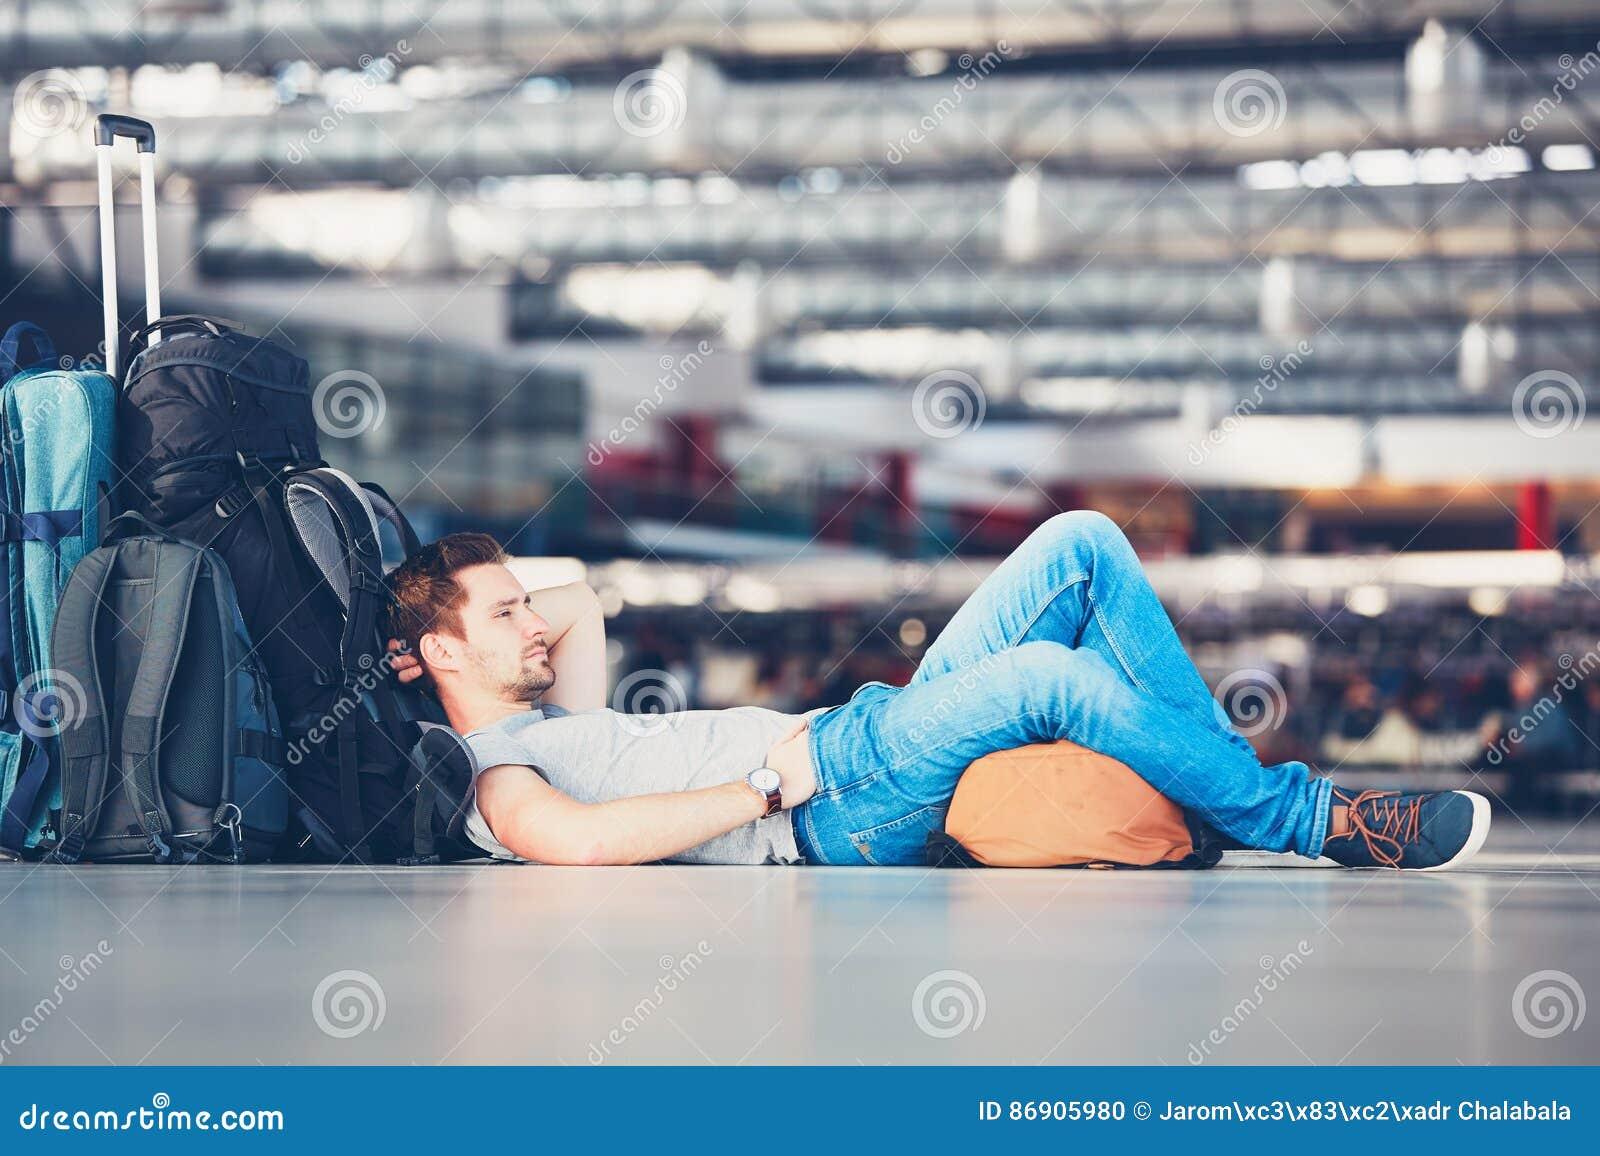 Viajantes que esperam a partida